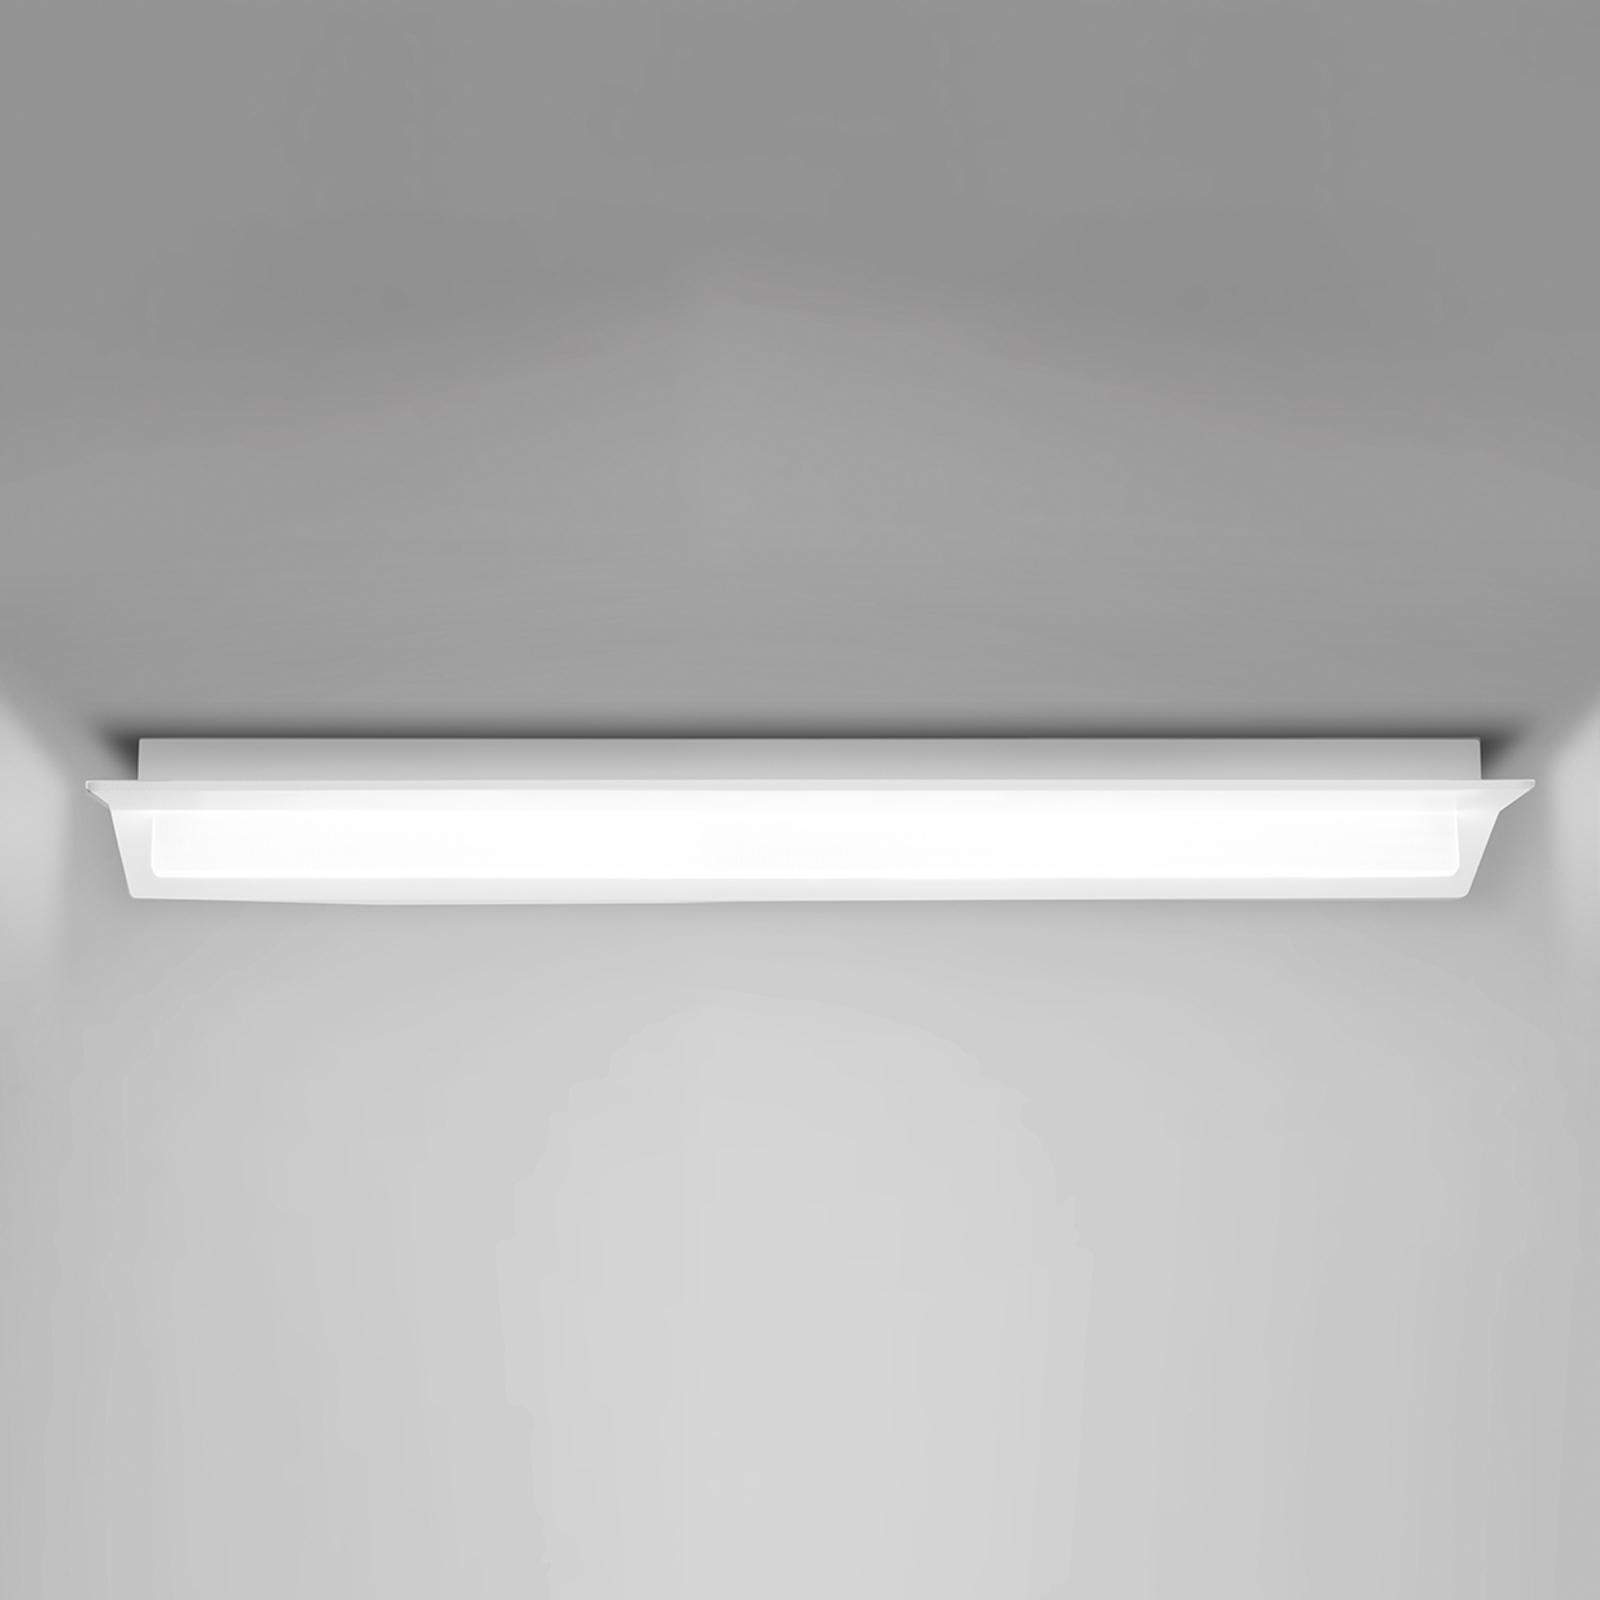 Flurry LED-taklampe, 100 cm, hvit